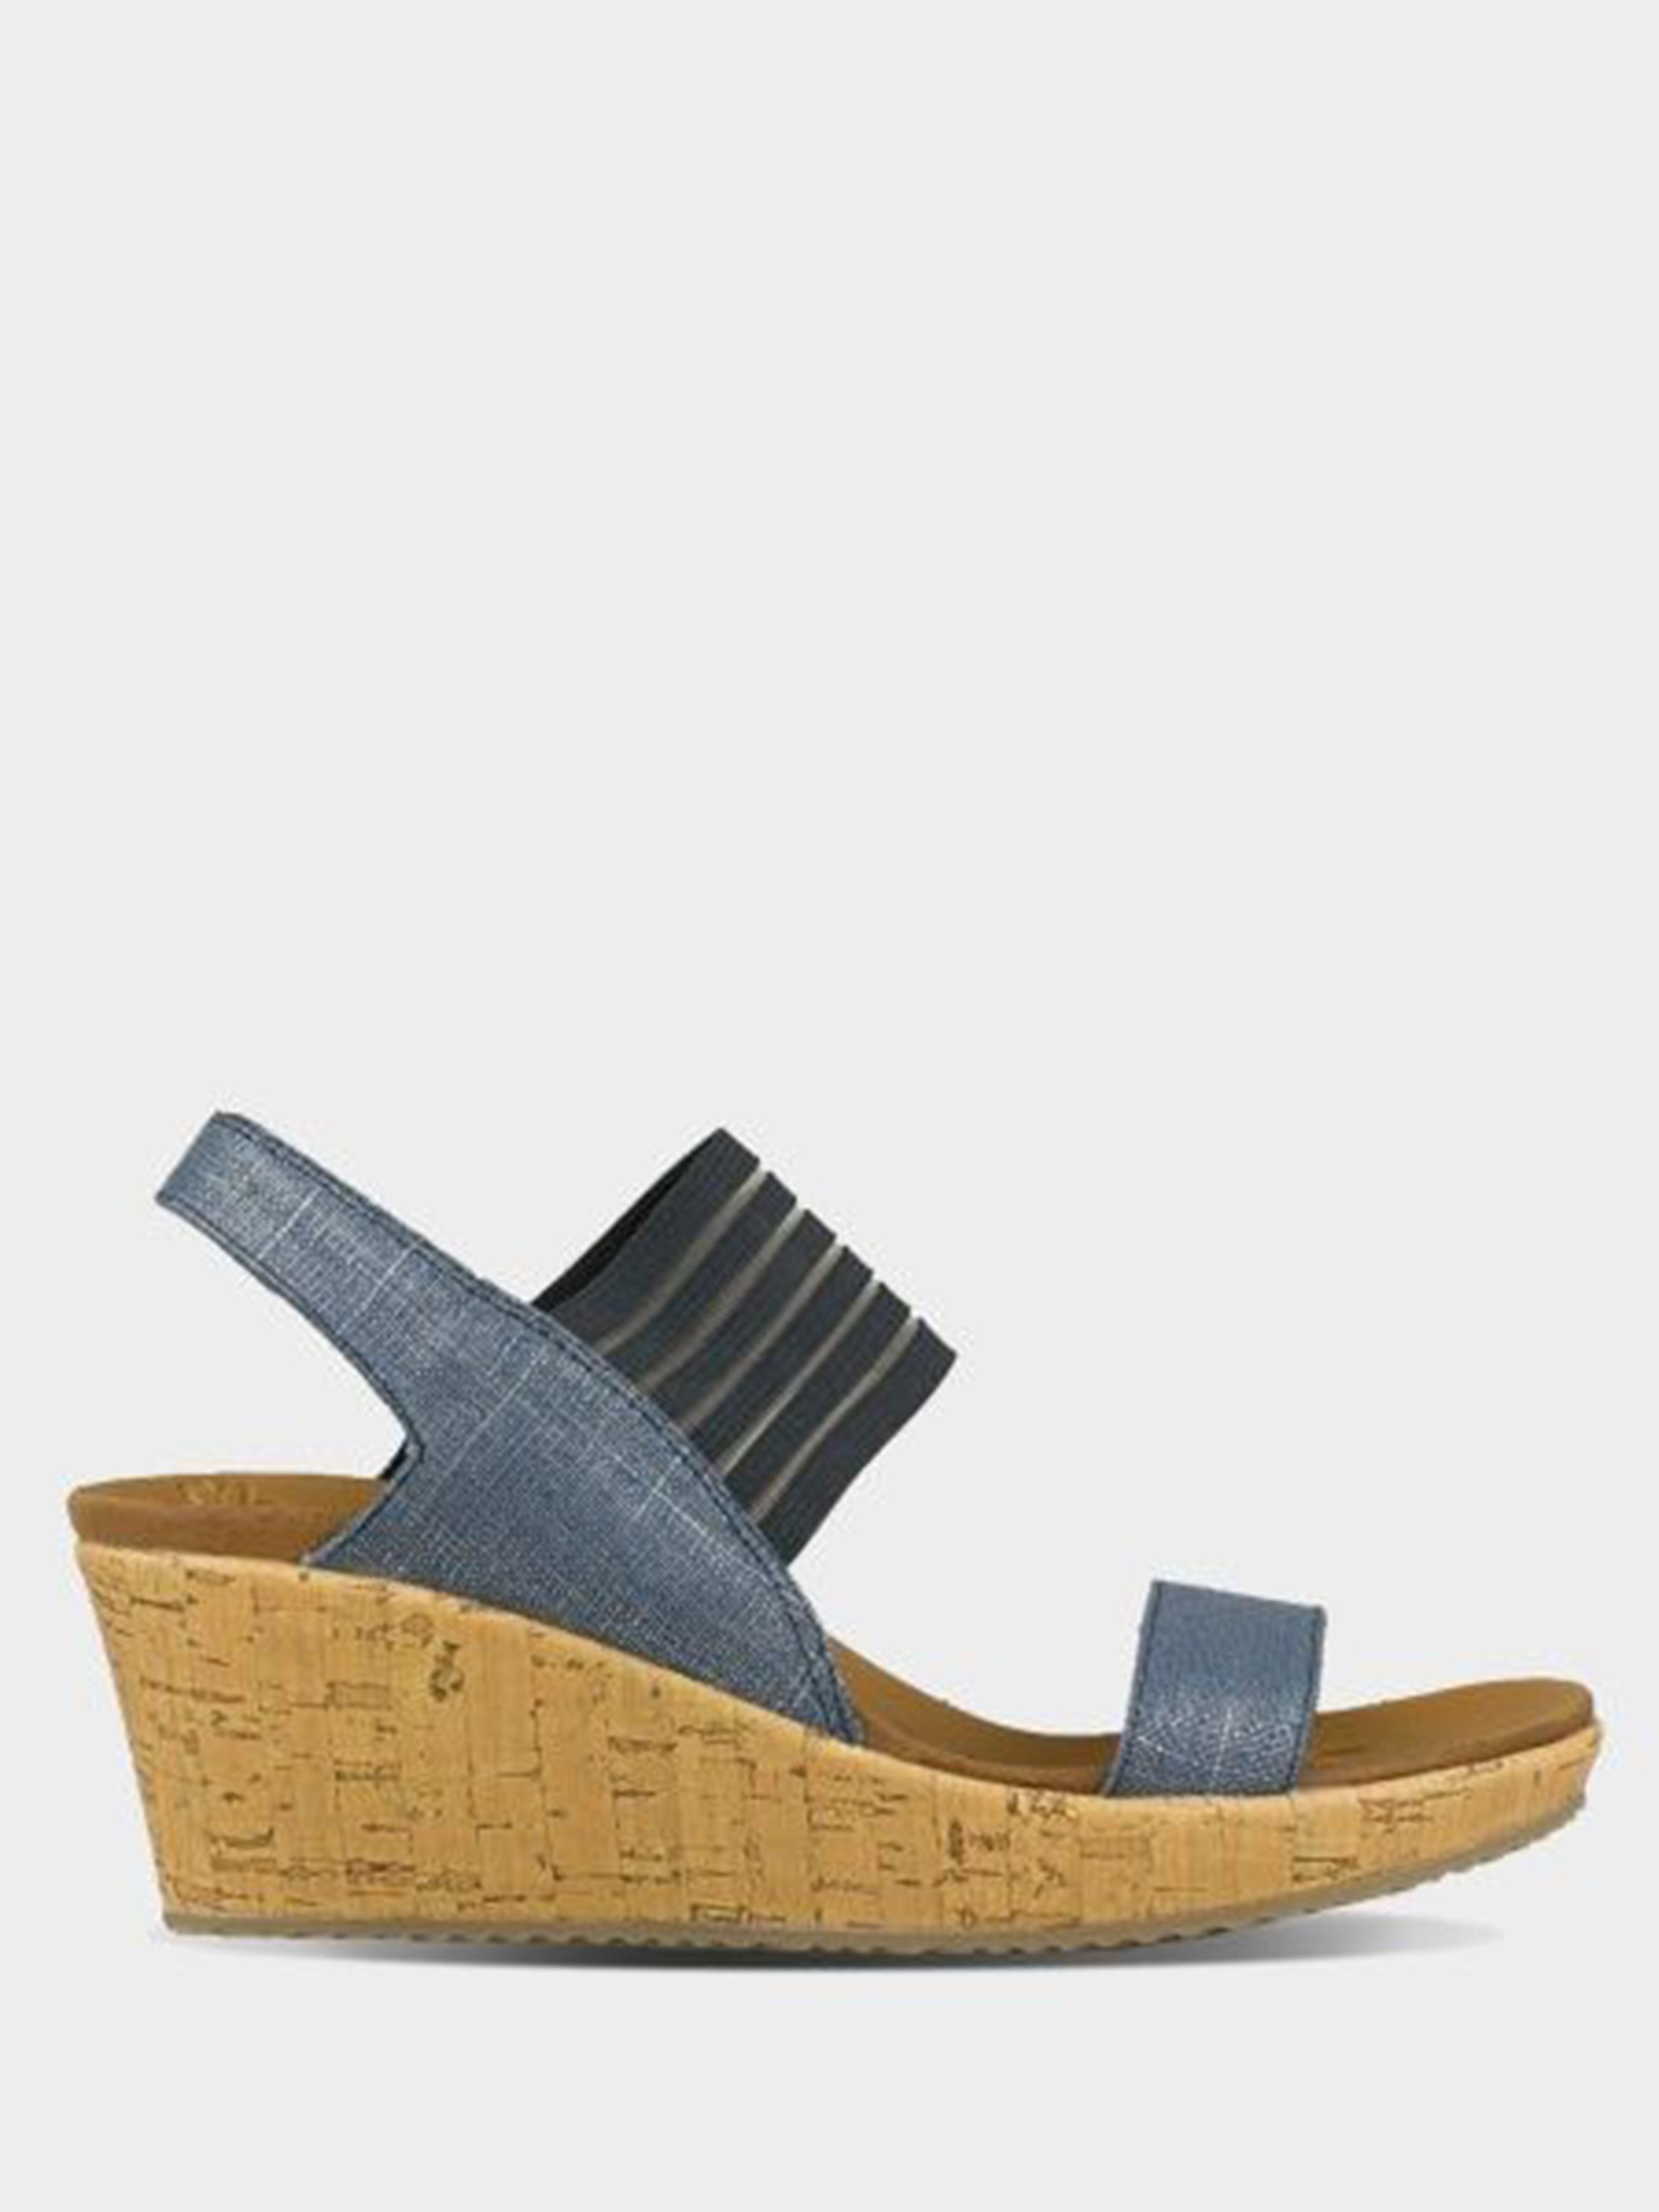 Купить Босоножки женские Skechers CALI KW4419, Синий